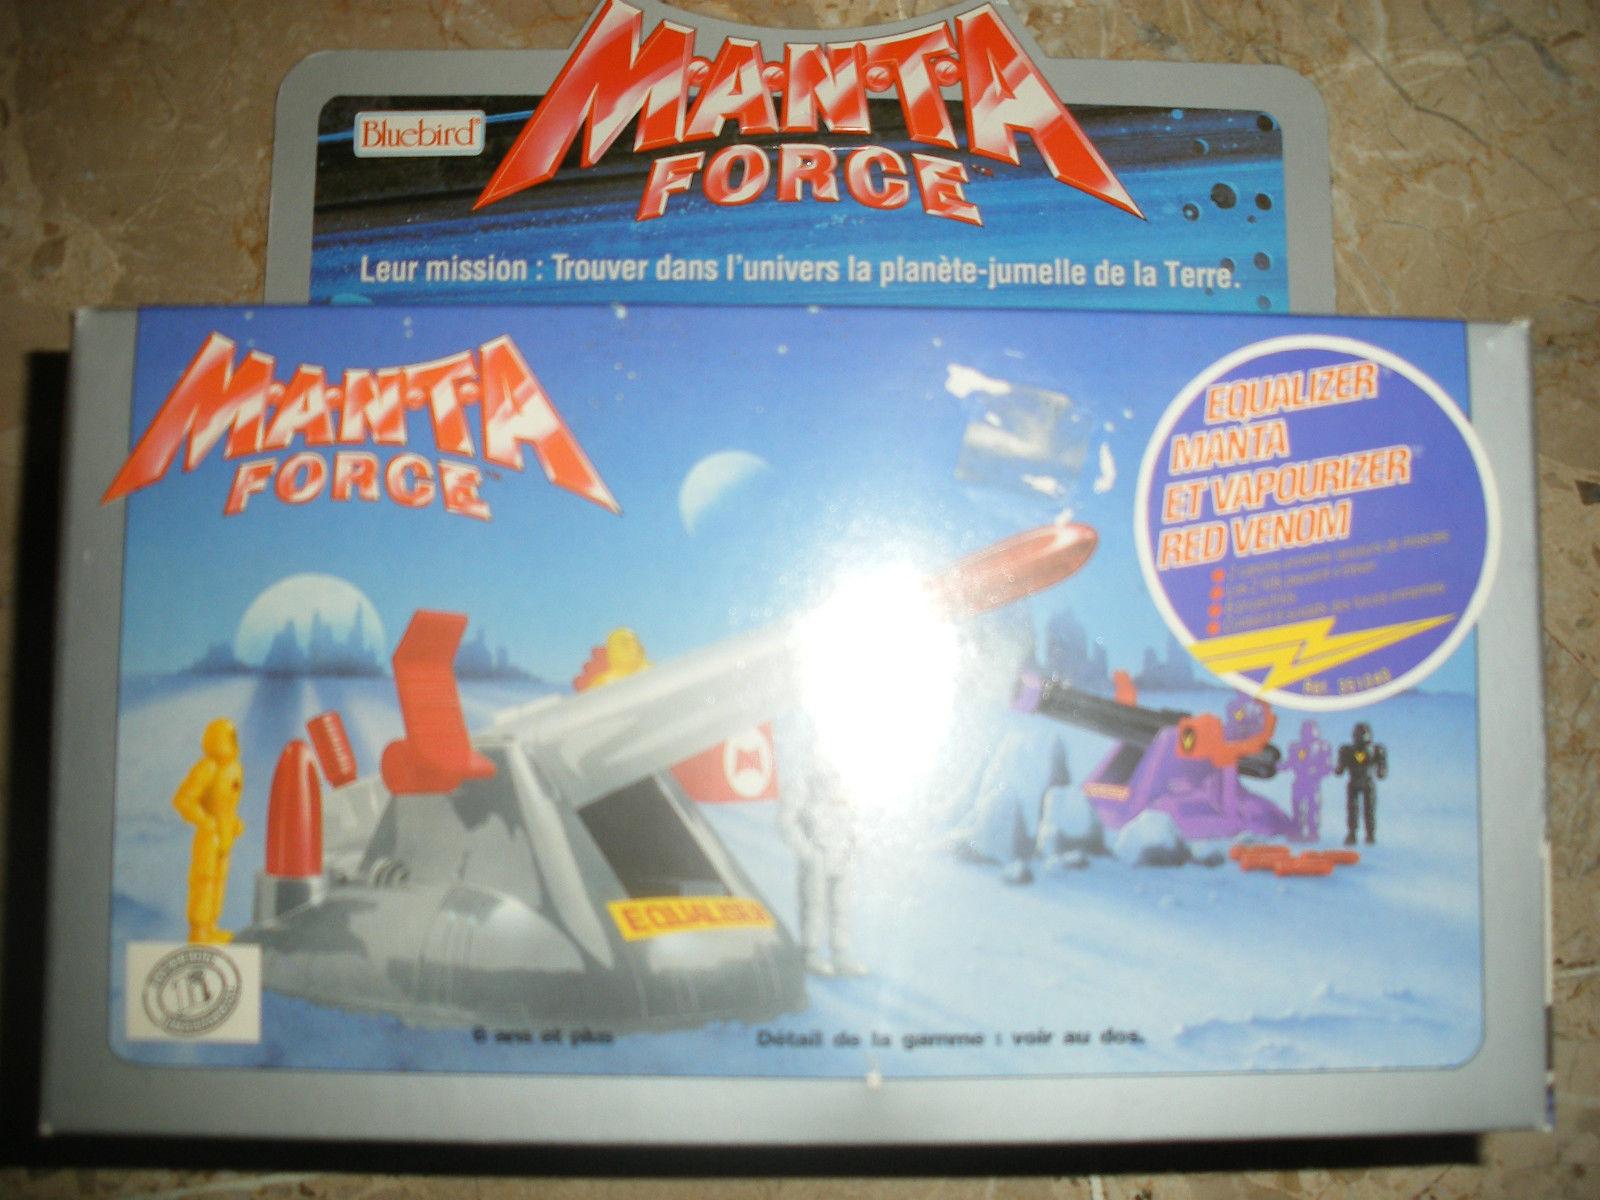 Manta Force Equaliser Vaporizer Habourdin International